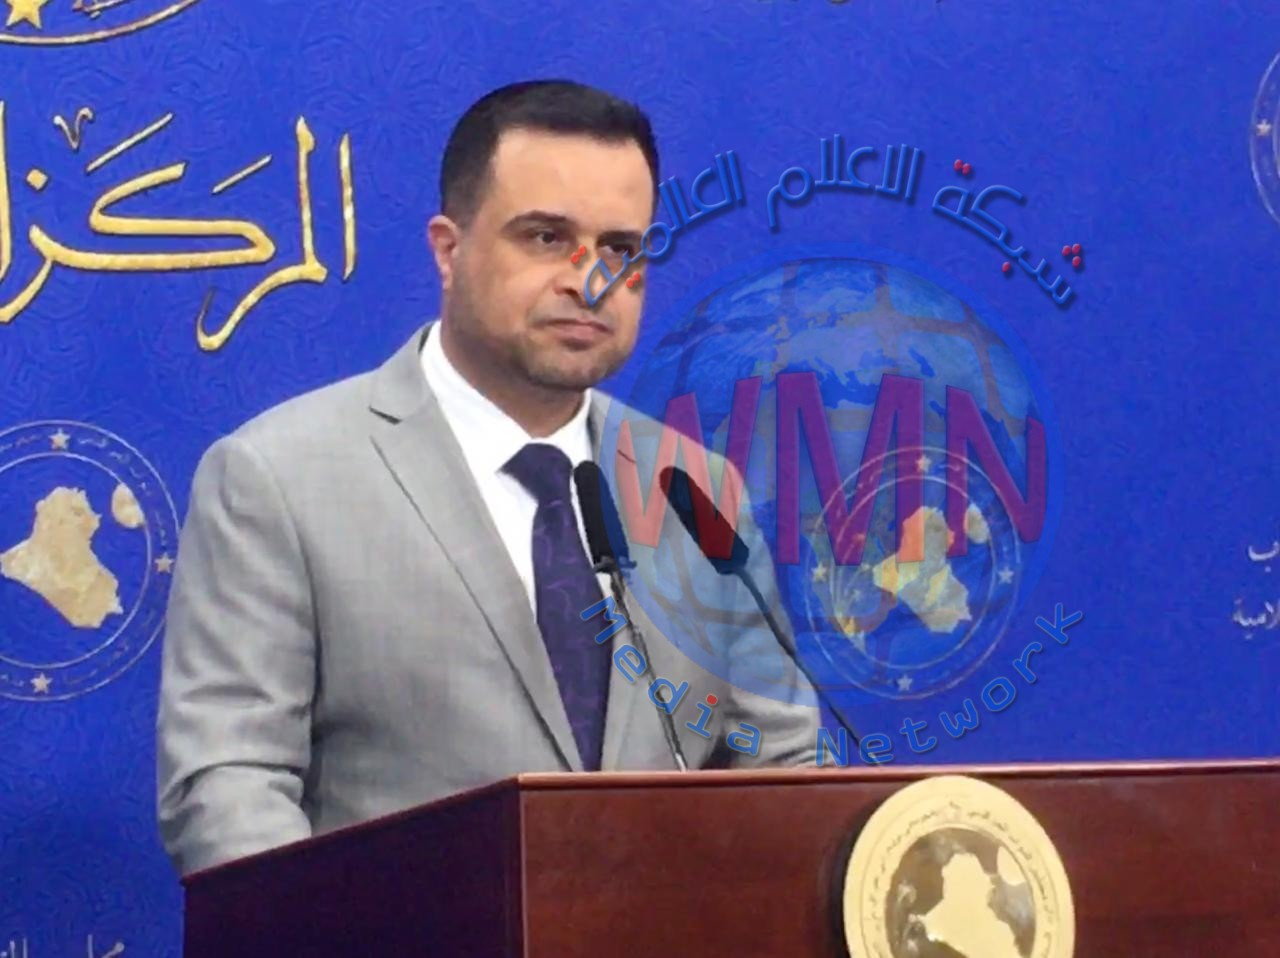 كتلة نيابية تطالب الحكومة بتعديل قانون التقاعد الموحد لابناء الحشد الشعبي